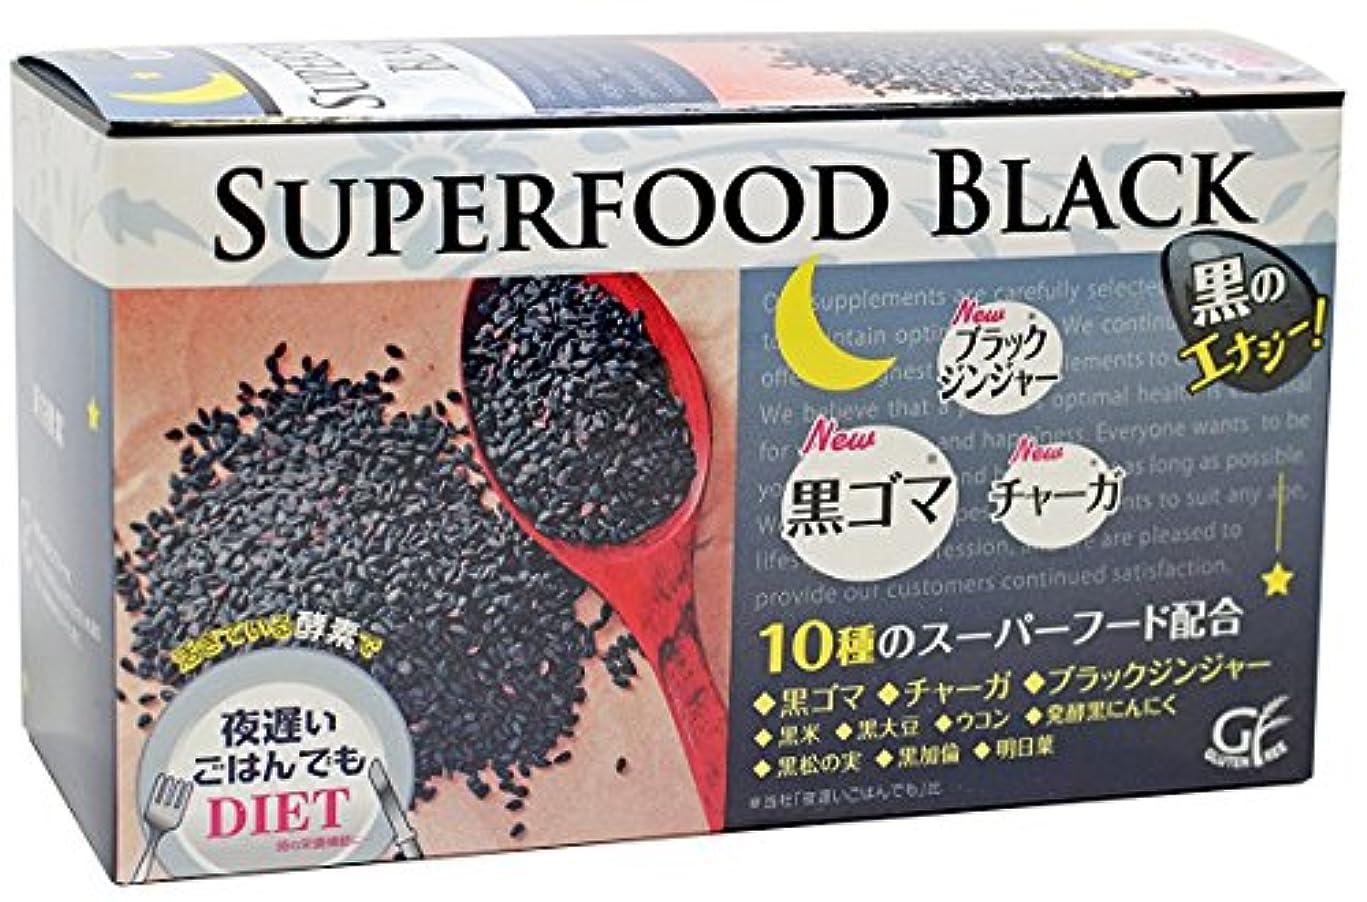 どこ冬煩わしい新谷酵素 夜遅いごはんでもDIETダイエット スーパーフード ブラック 30日分 (黒ゴマ ウコン ブラックジンジャー入り)